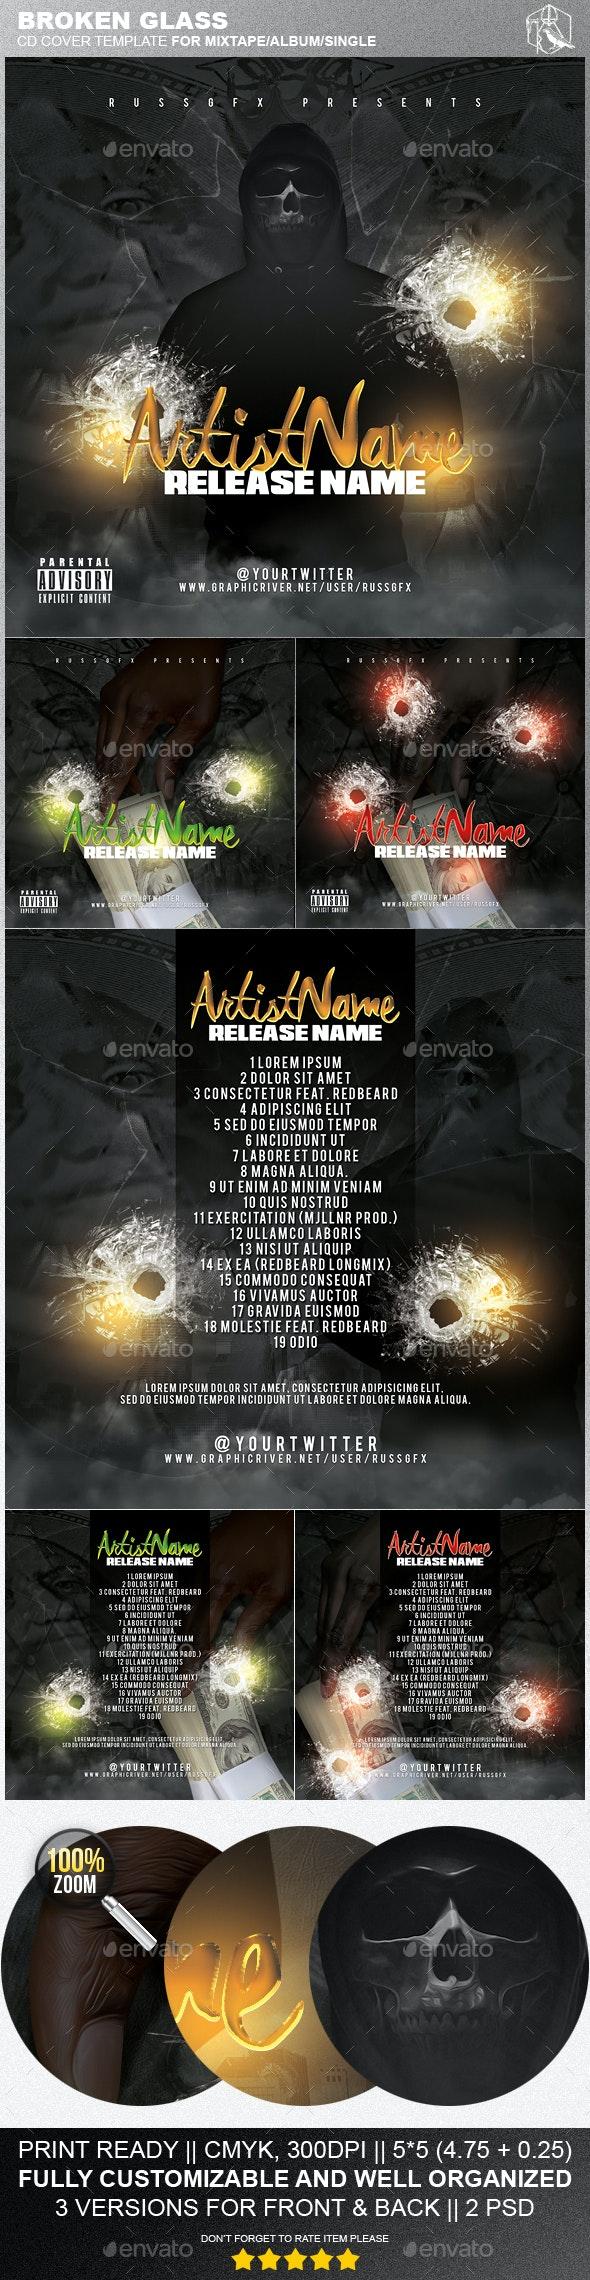 Broken Glass PSD CD Mixtape Cover Template - CD & DVD Artwork Print Templates